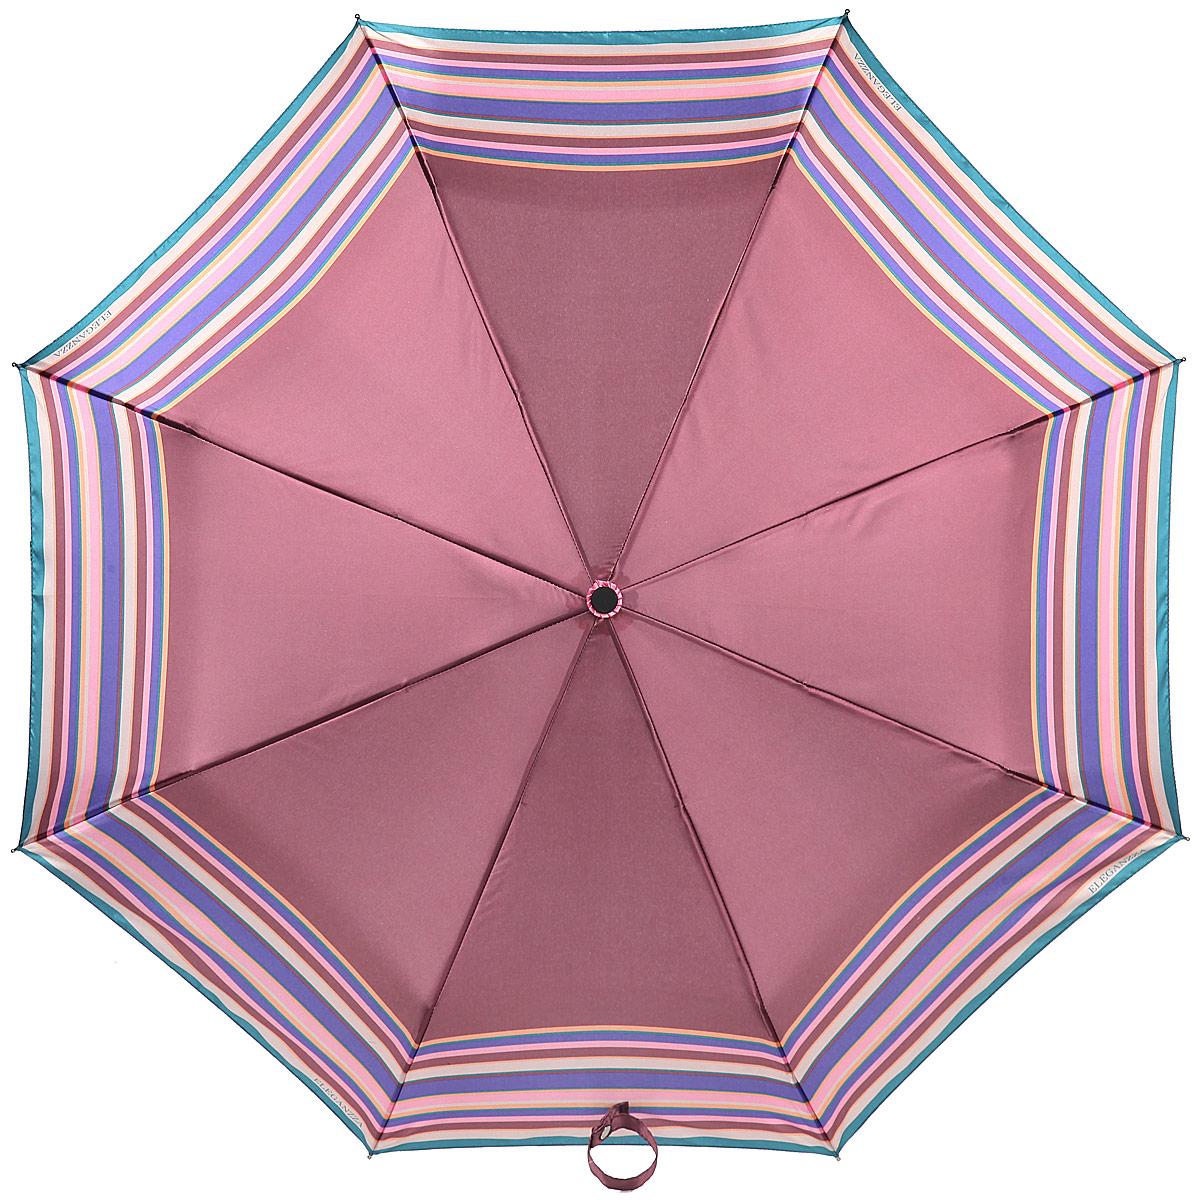 Зонт женский Eleganzza, автомат, 3 сложения, цвет: лиловый. A3-05-0278SA3-05-0278SЯркий зонт Eleganzza оформлен полосатым принтом. Каркас зонта изготовлен из алюминия и фибергласса, содержит восемь спиц, а также дополнен эргономичной рукояткой из пластика. Купол выполнен из полиэстера с водоотталкивающей пропиткой. Зонт имеет автоматический механизм сложения: купол открывается и закрывается нажатием кнопки на рукоятке, стержень складывается вручную до характерного щелчка, благодаря чему открыть и закрыть зонт можно одной рукой, что чрезвычайно удобно при входе в транспорт или помещение. Рукоятка дополнена удобной петлей. К зонту прилагается чехол. Практичный аксессуар даже в ненастную погоду позволит вам оставаться стильной и элегантной.